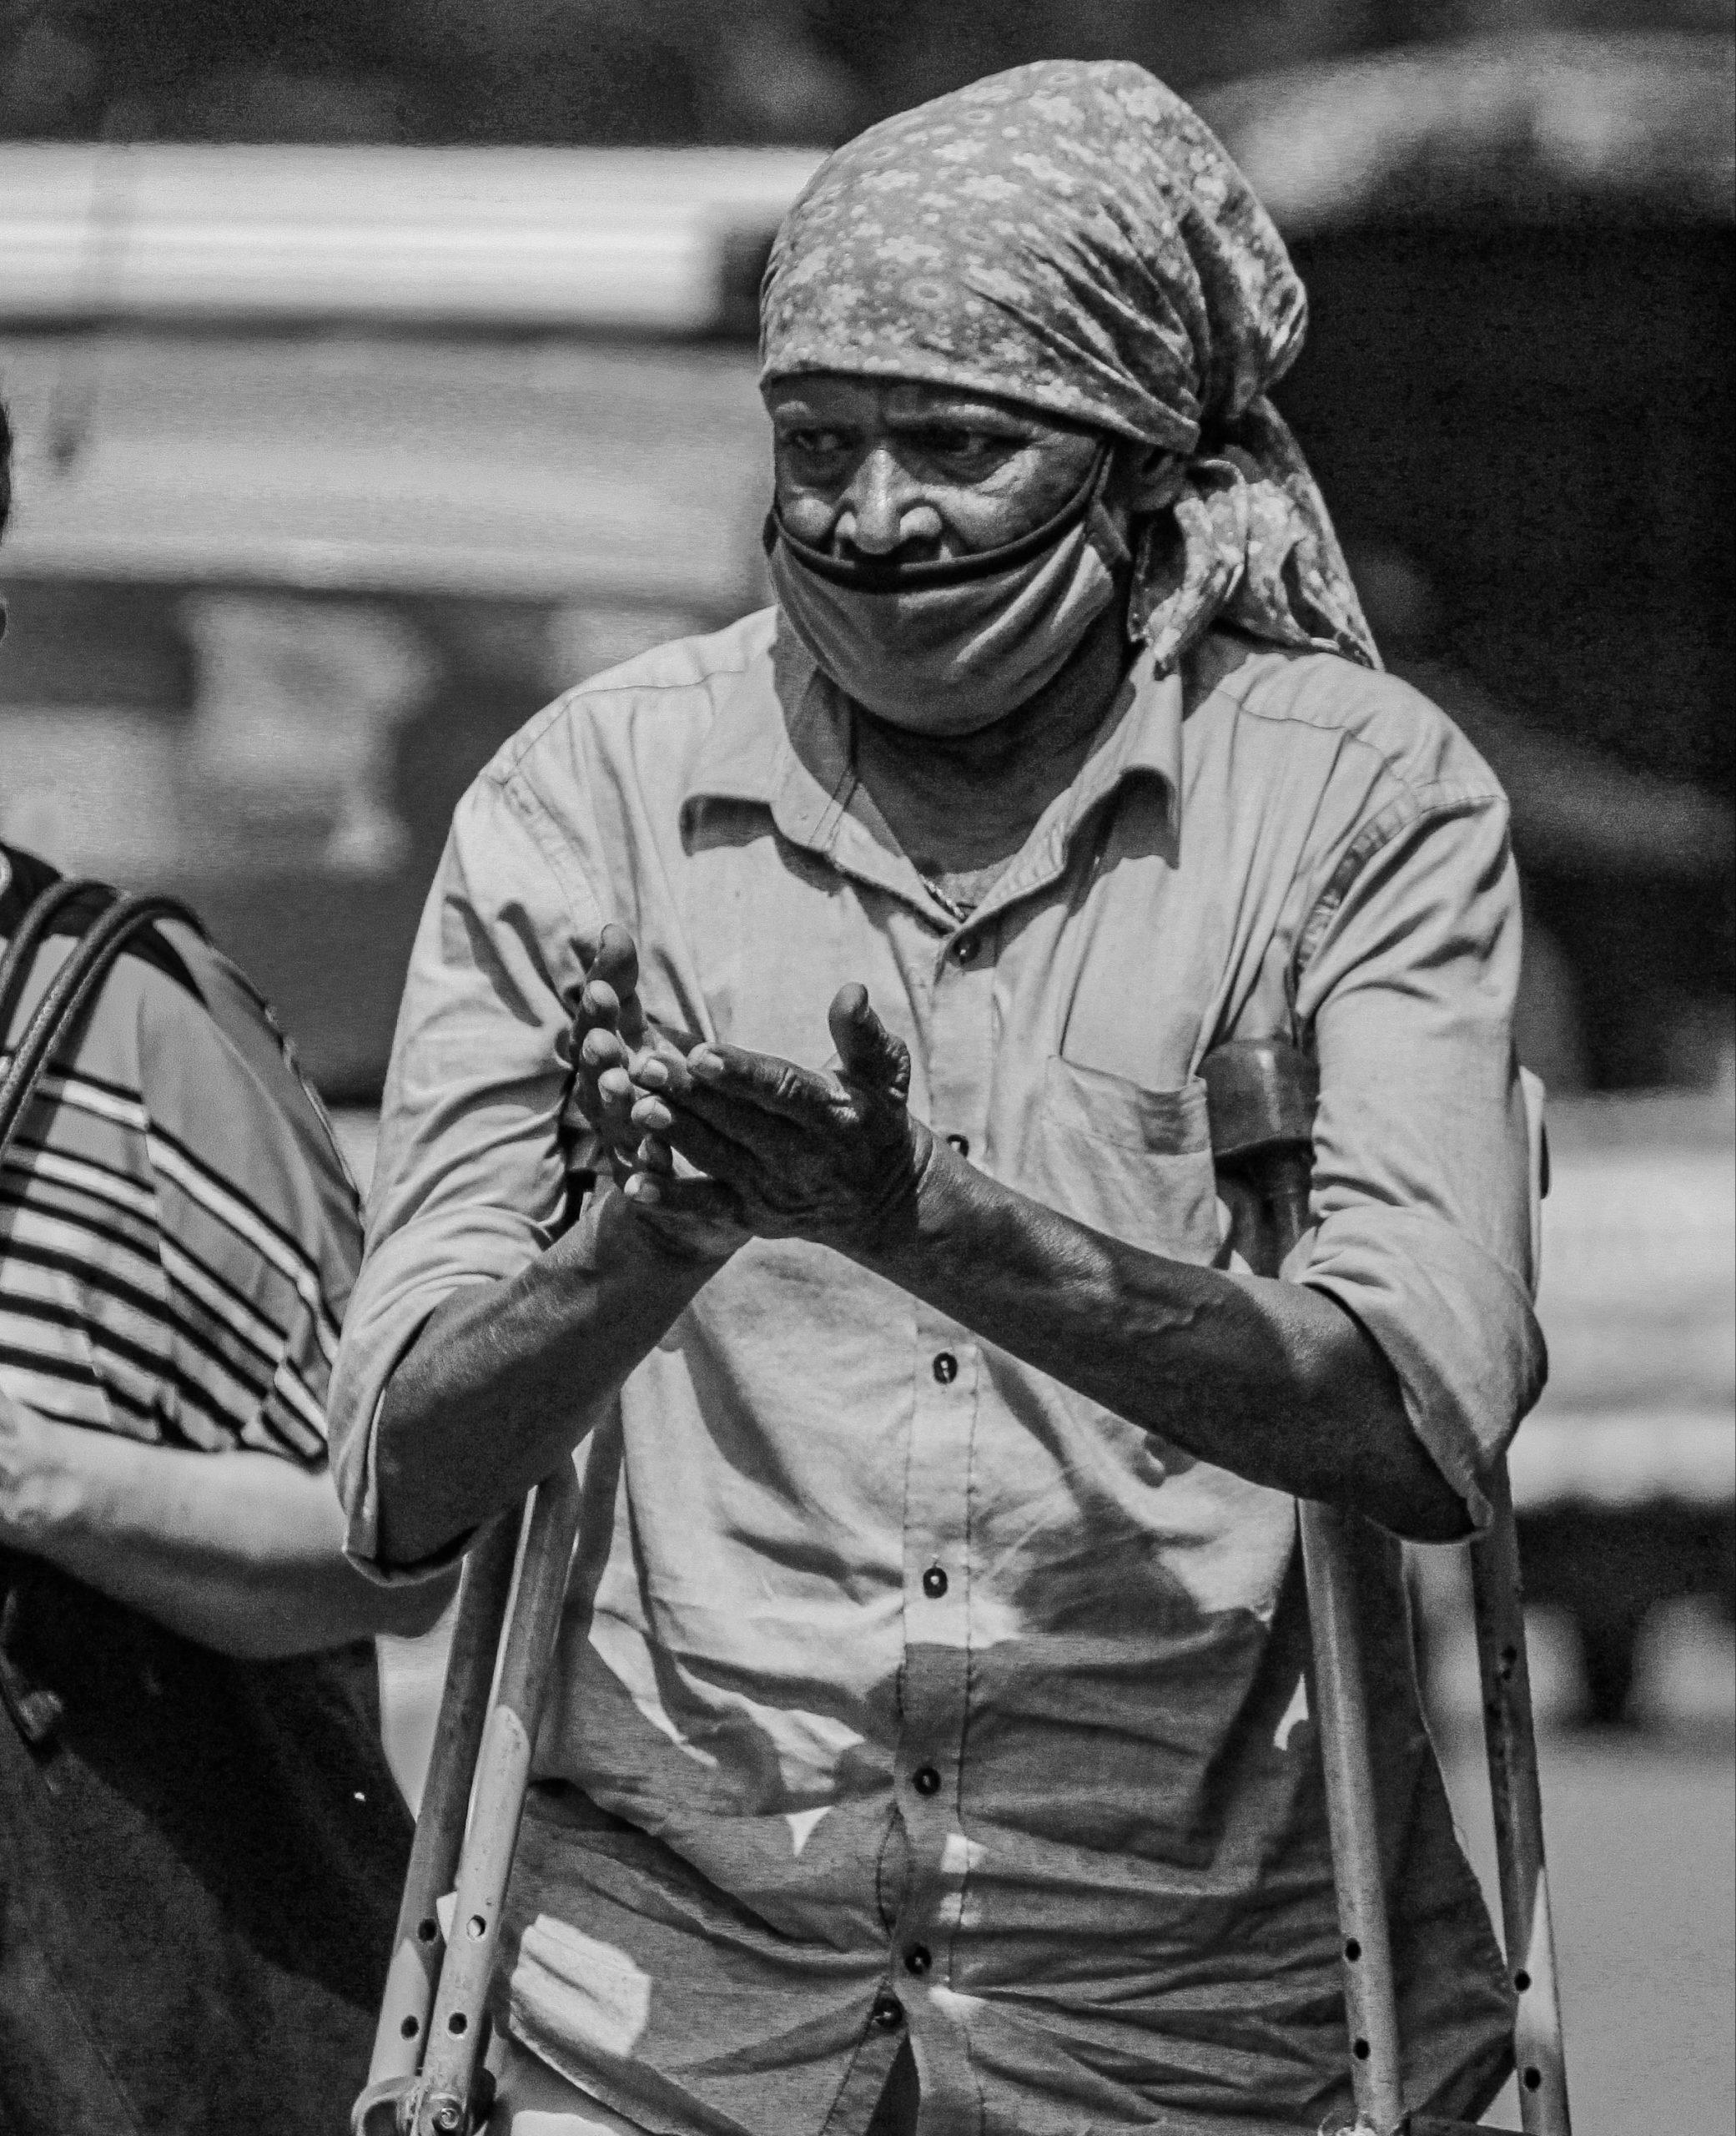 Handicap beggar